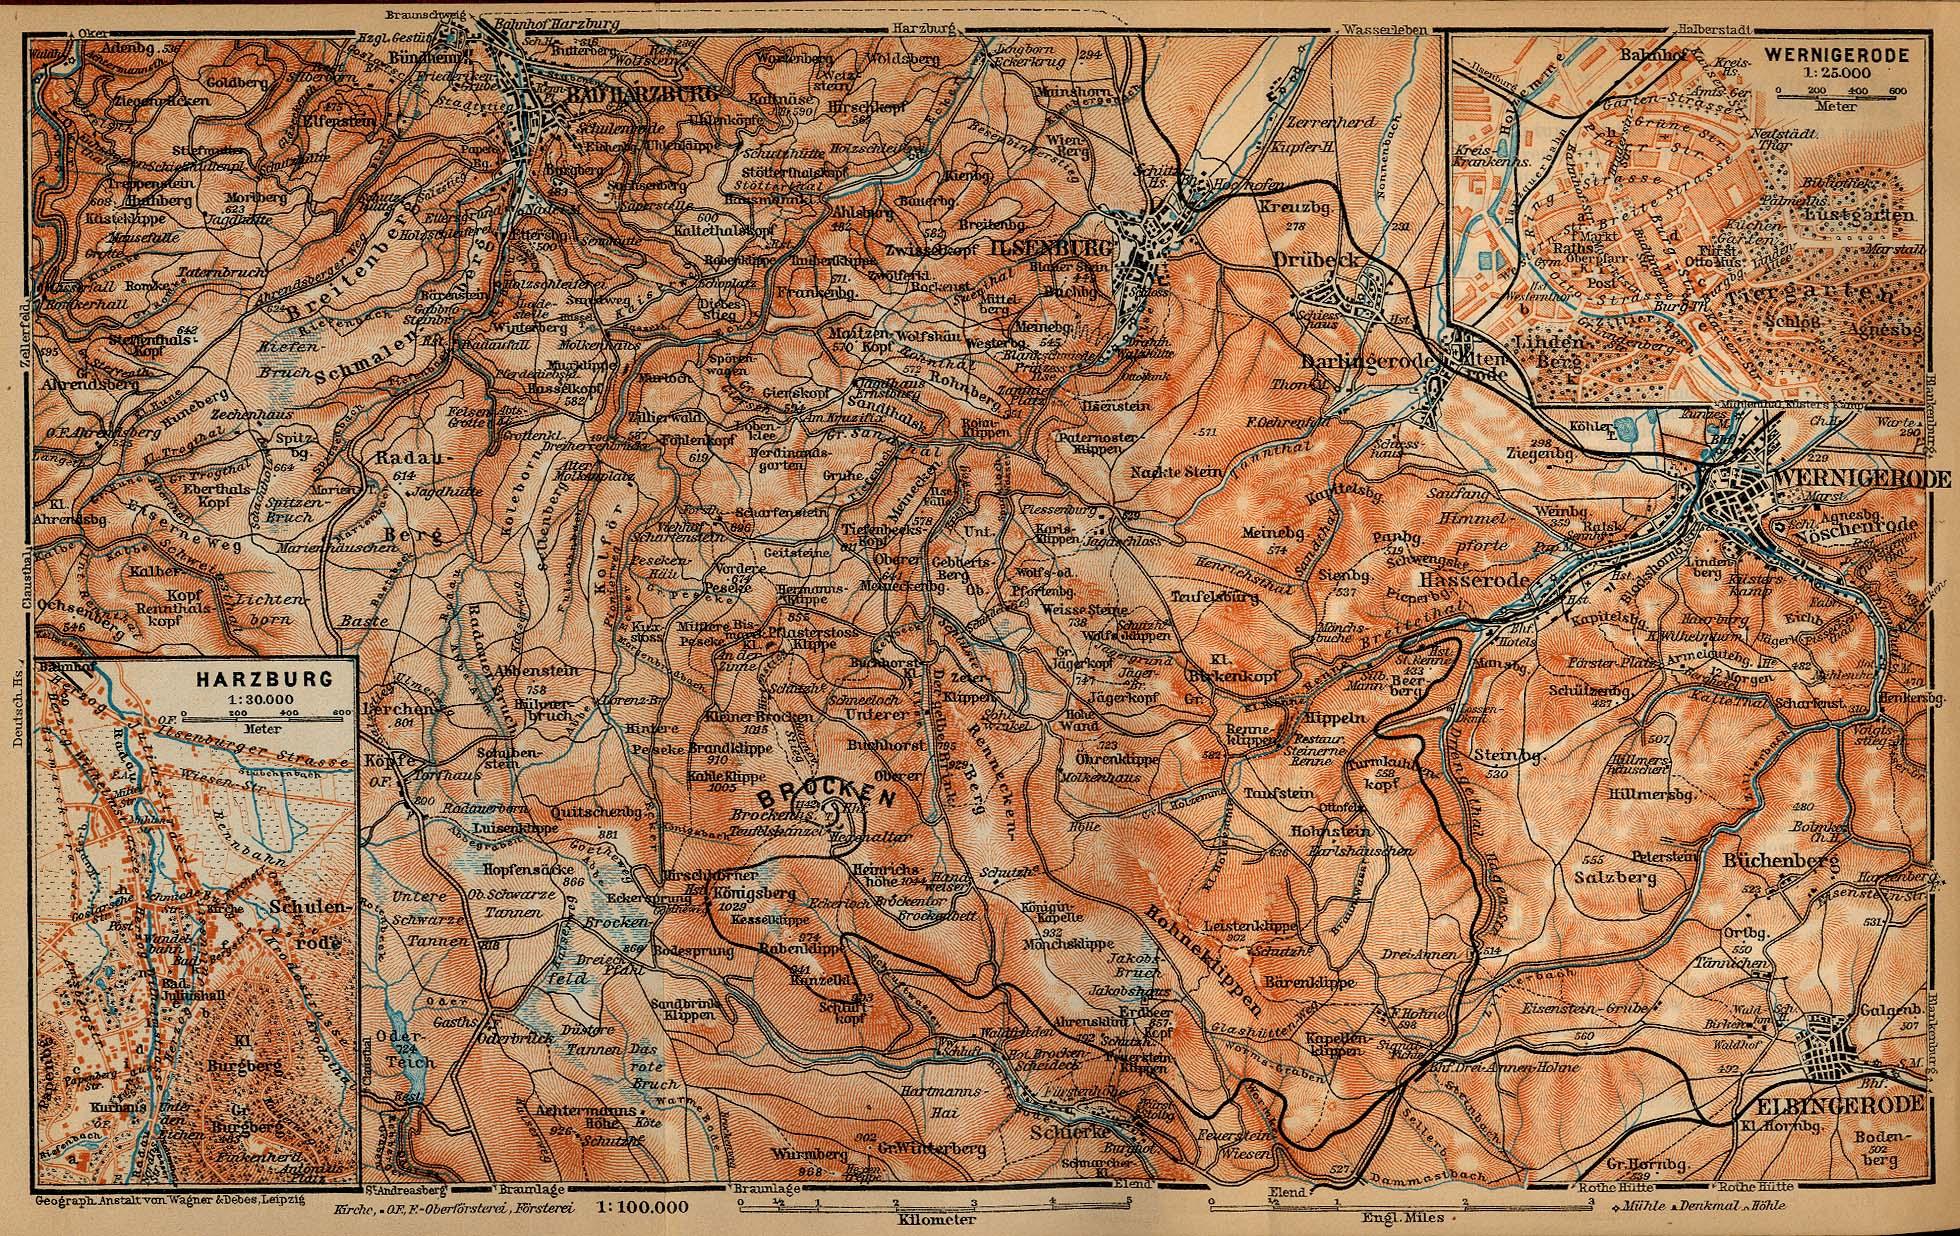 Mapa de Bad Harzburg, Alemania 1910